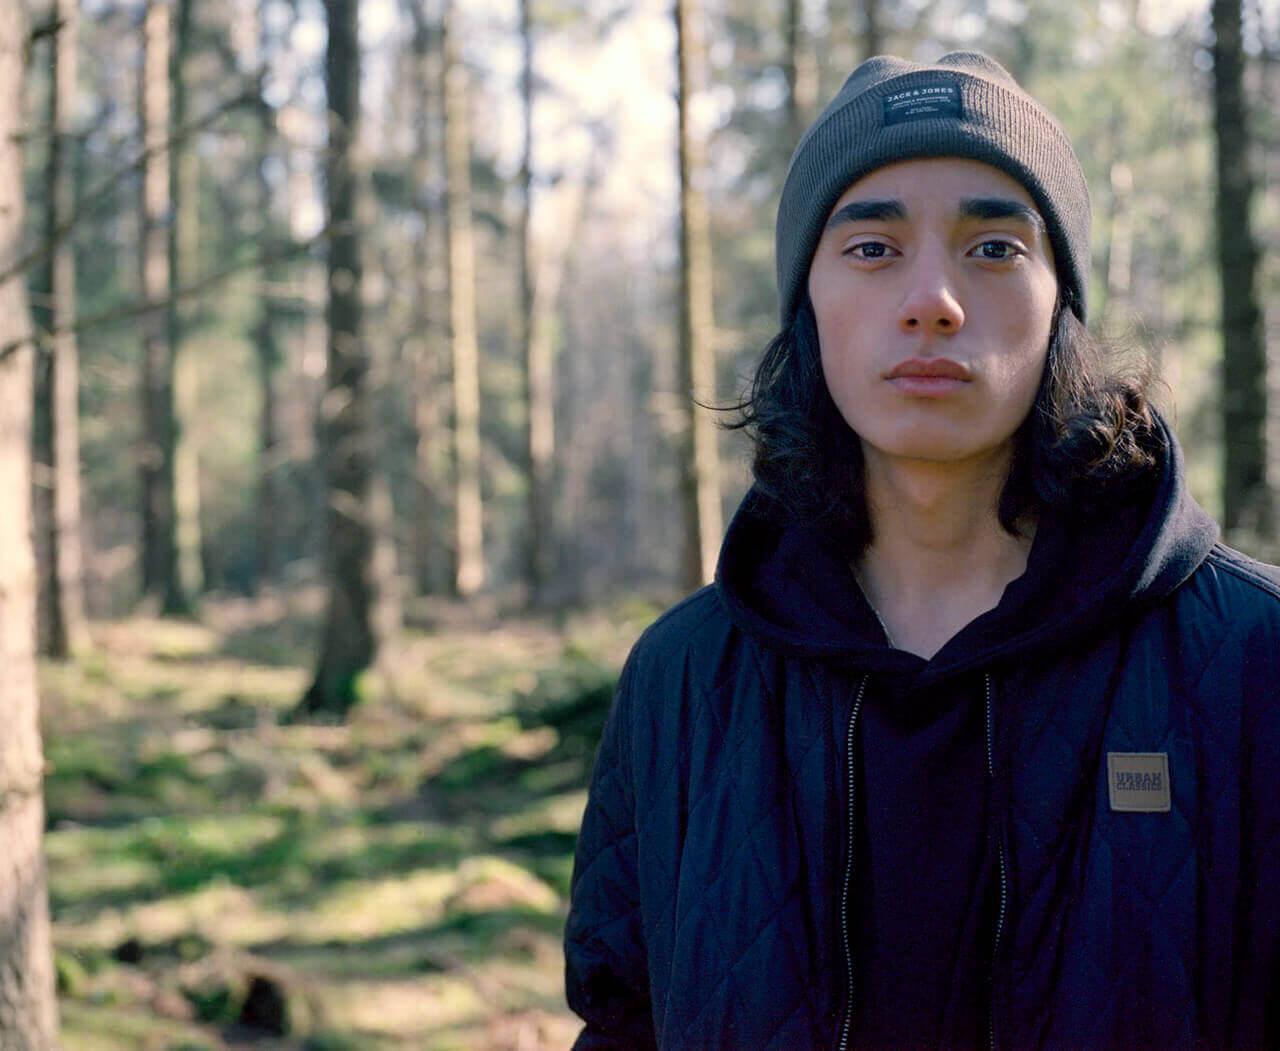 51_woodlandwonderland_20-Kopie_1_compressed